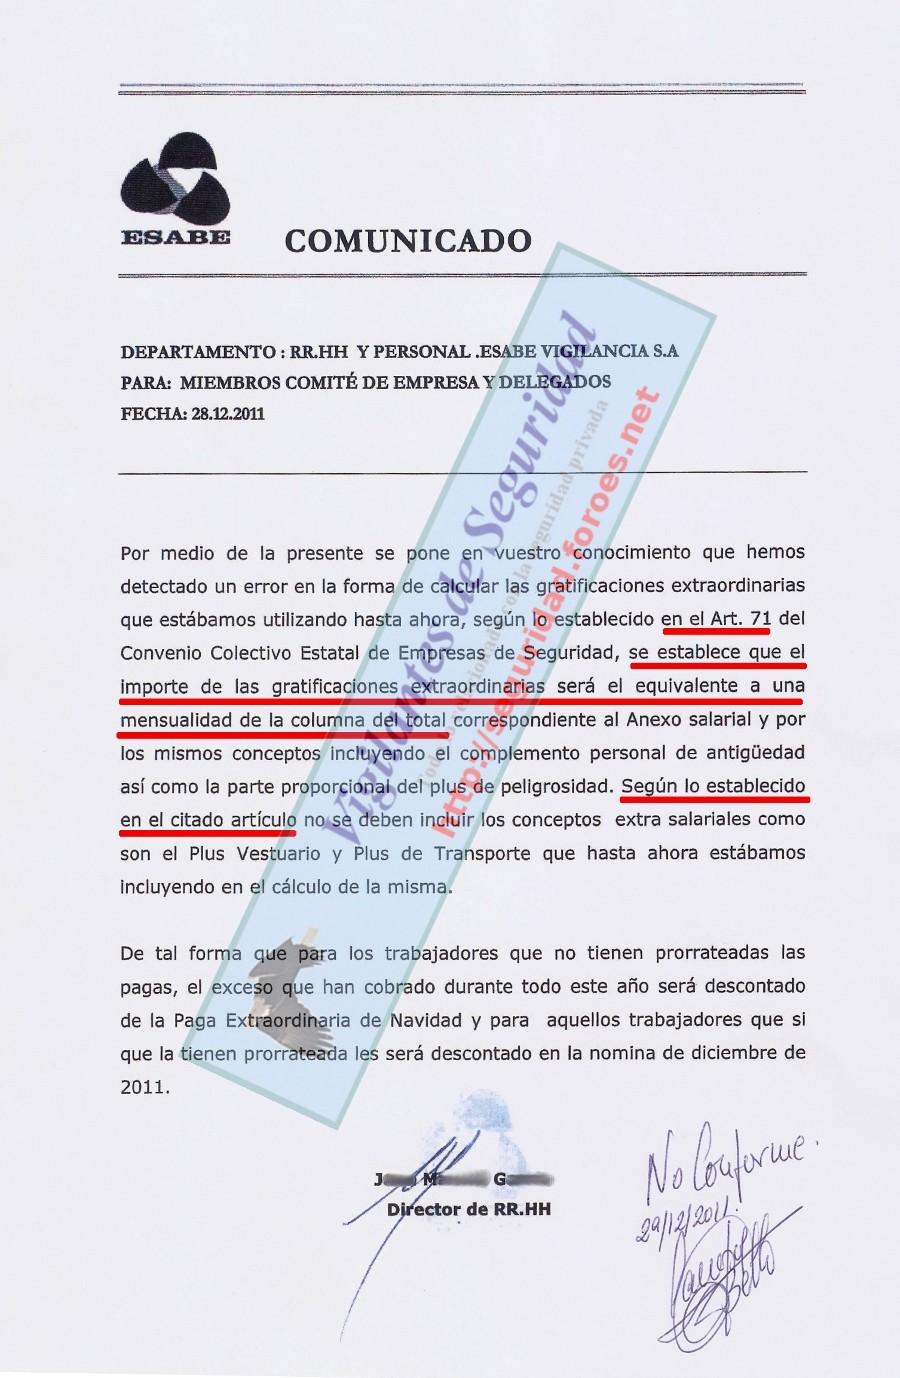 PAGA DE NAVIDAD, NOS QUIEREN ROBAR Pagas-10